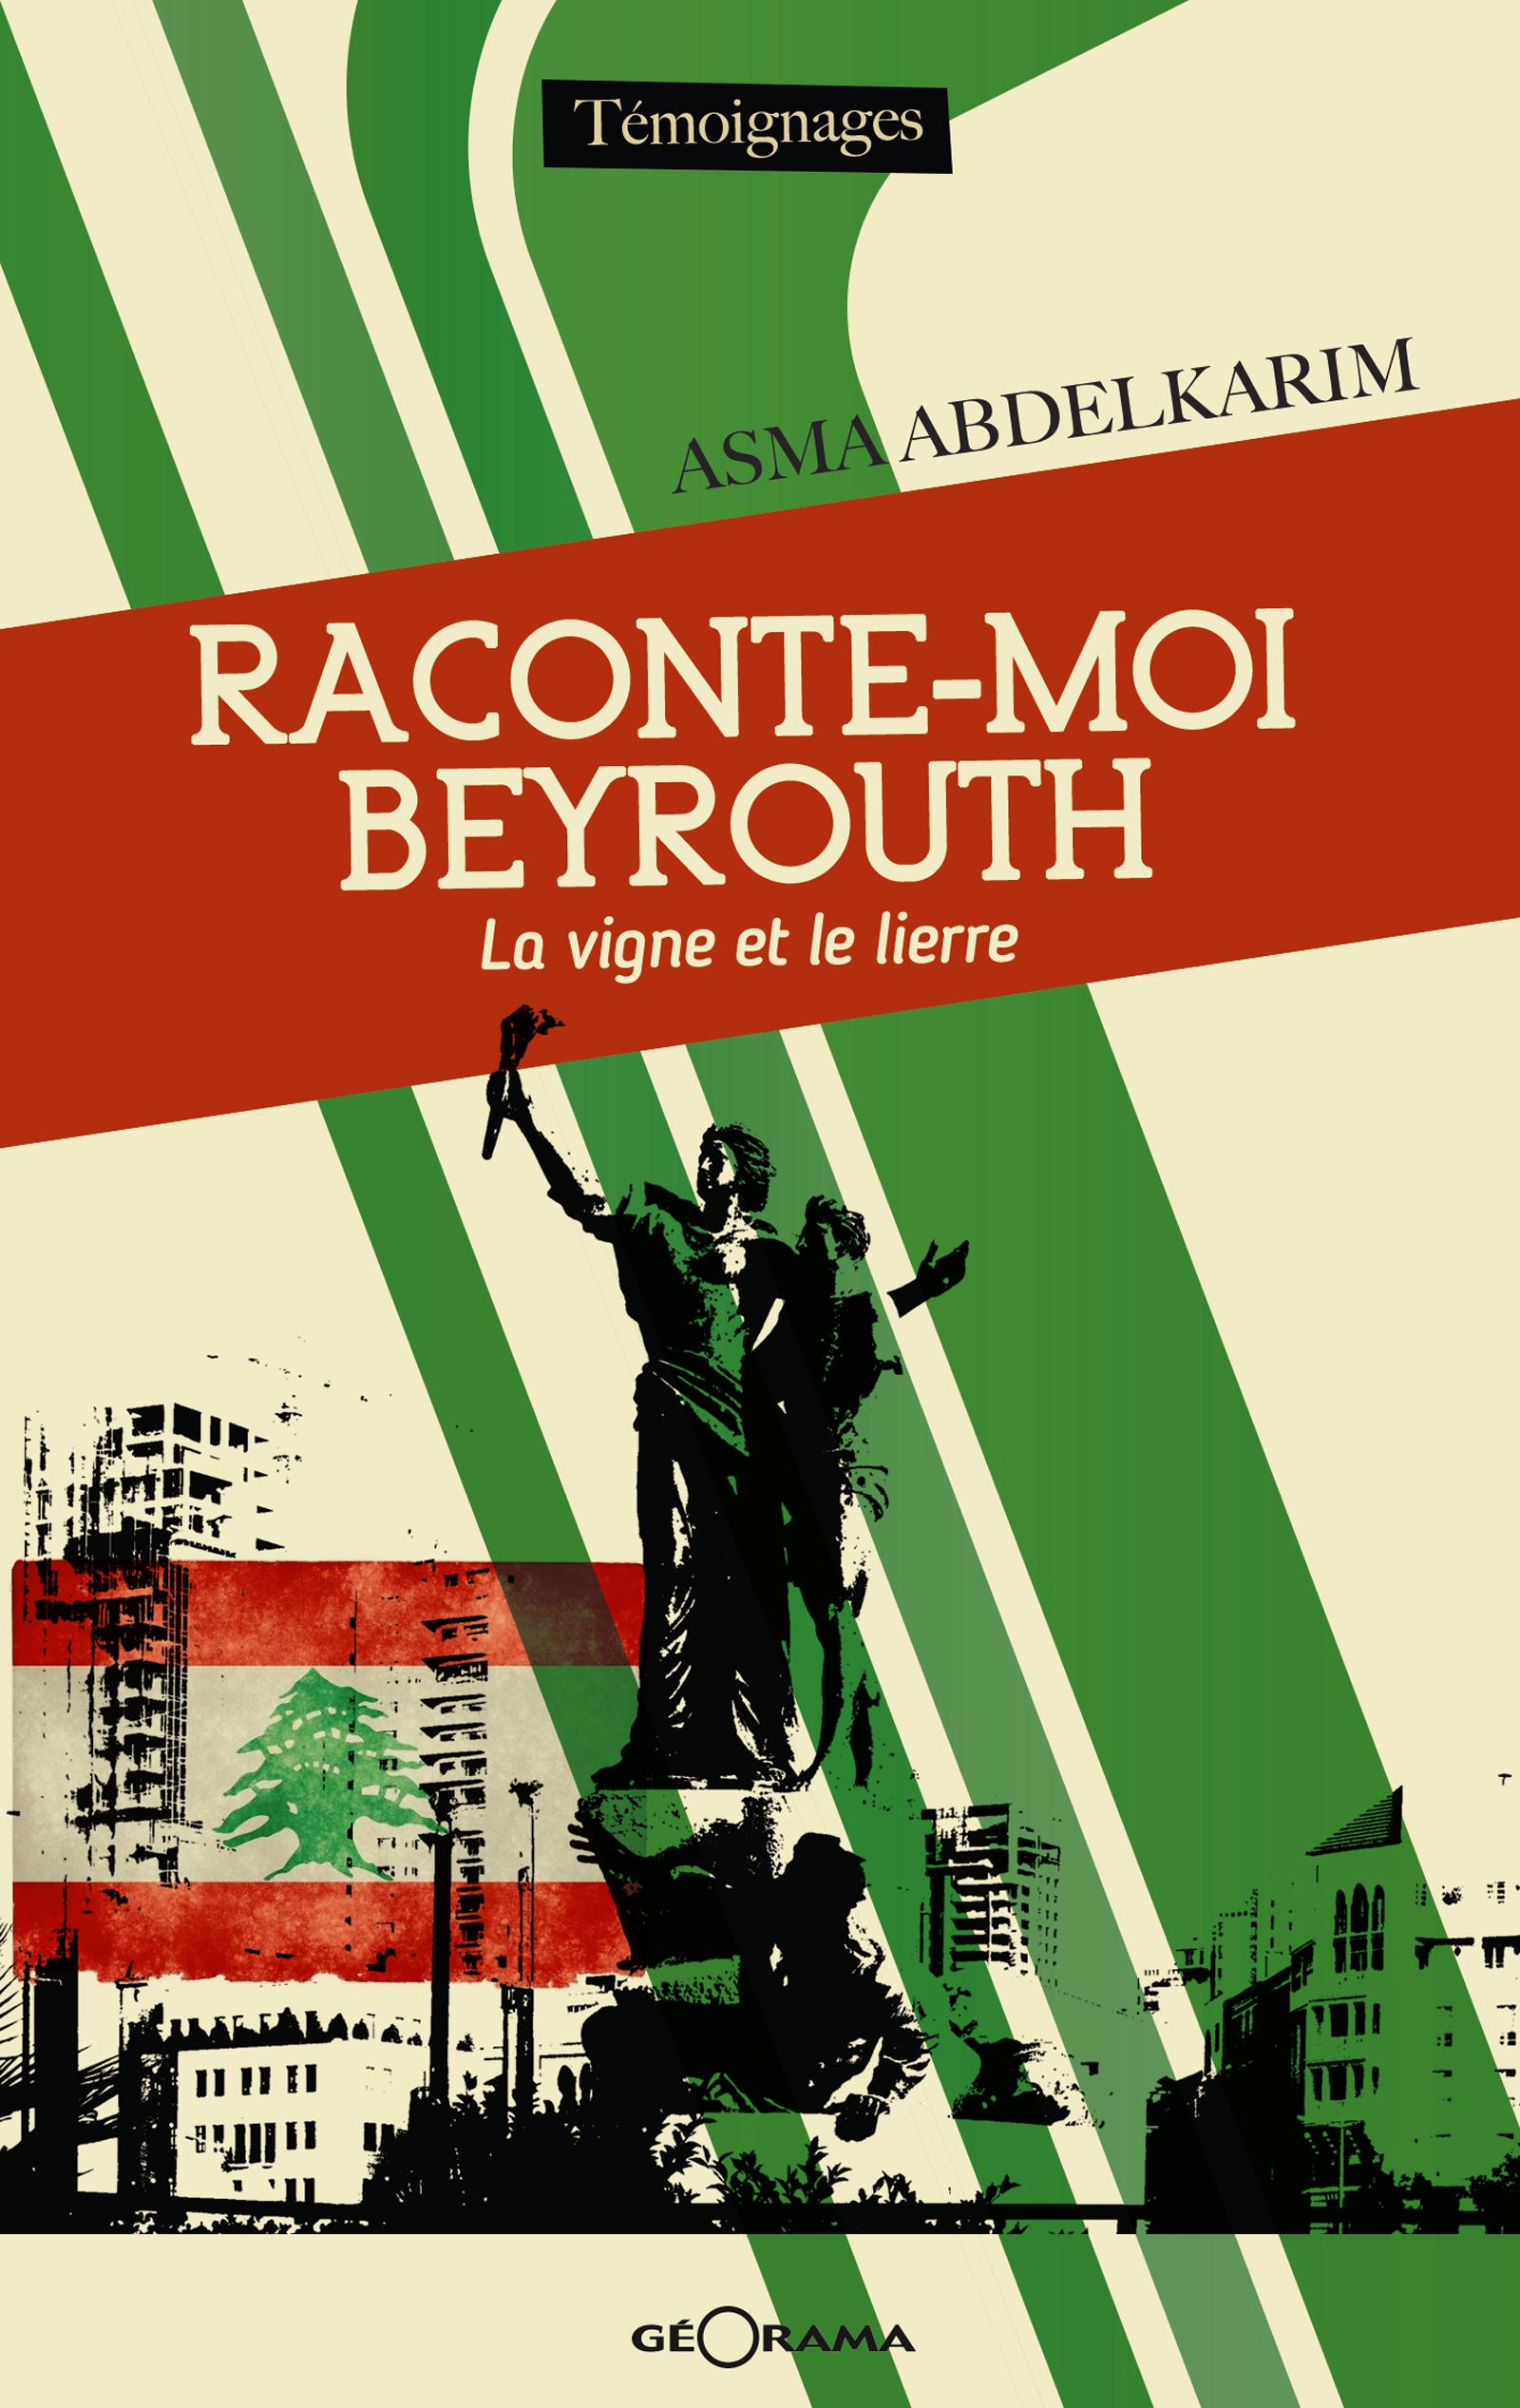 Raconte-moi Beyrouth, LA VIGNE ET LE LIERRE